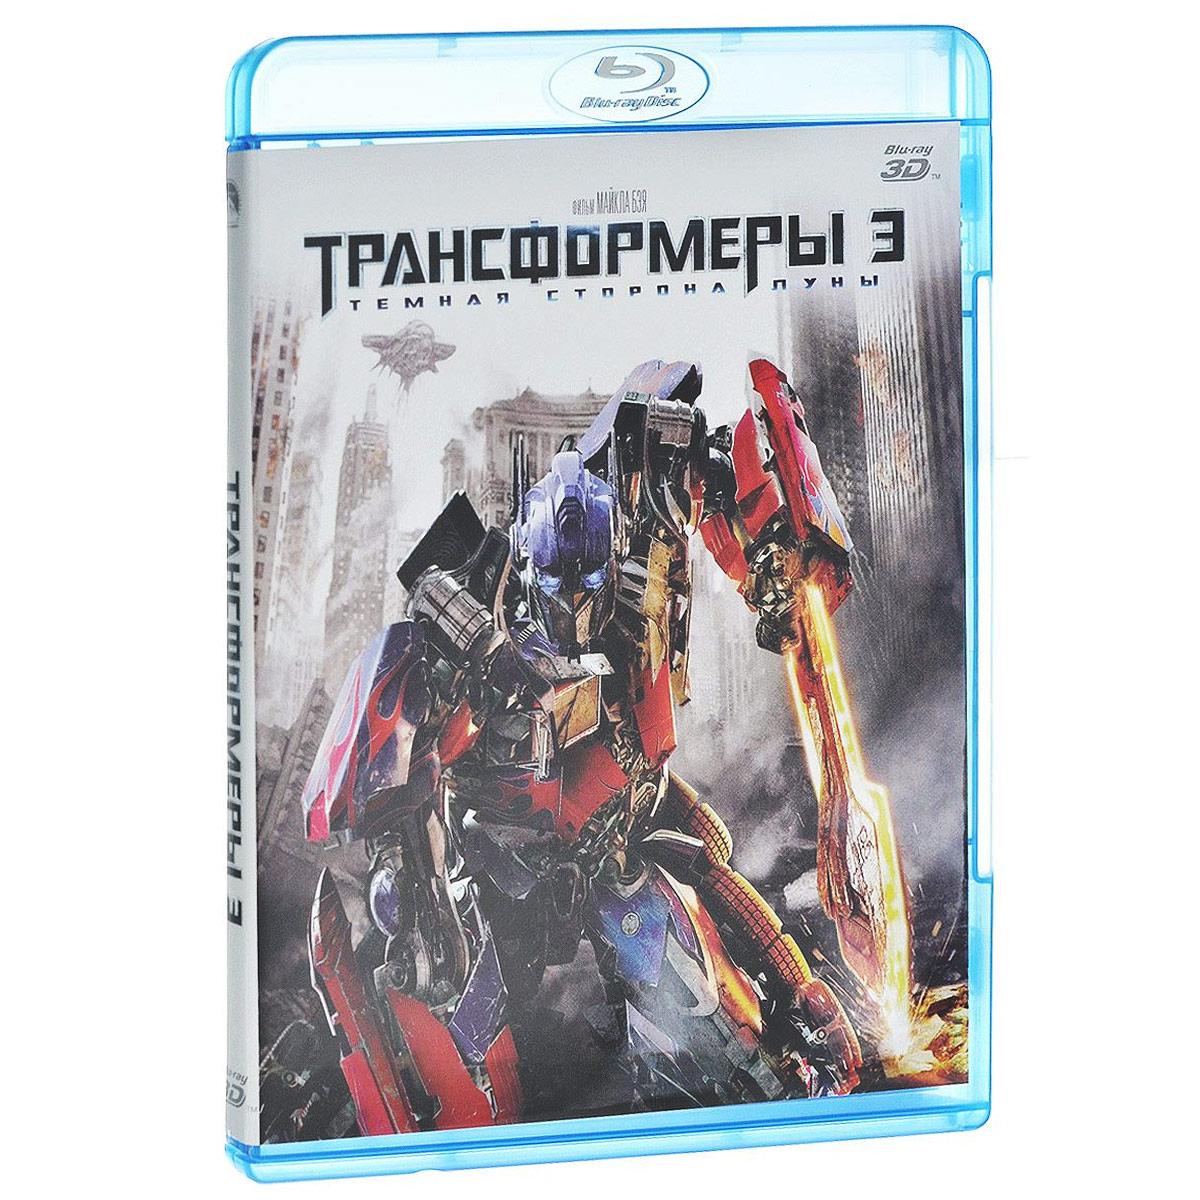 Трансформеры 3: Темная сторона Луны 3D (Blu-ray)